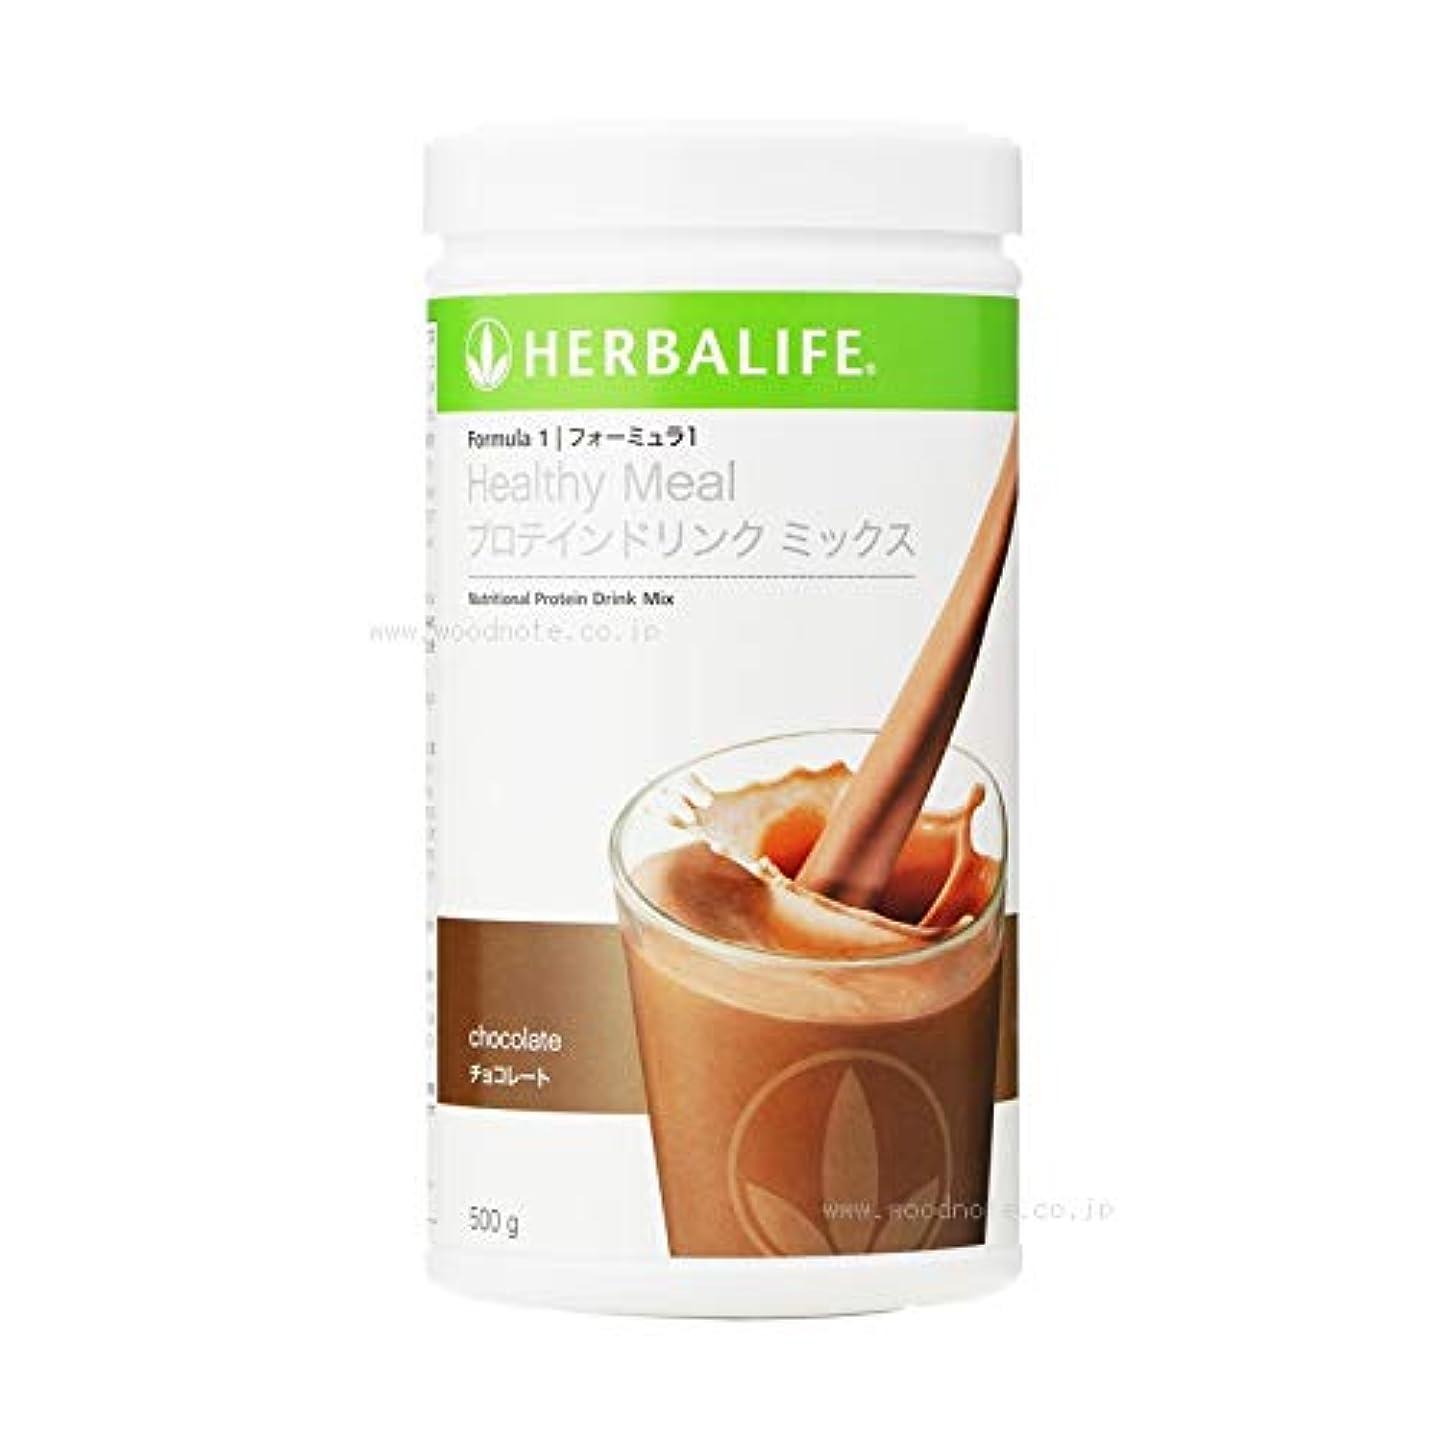 アレルギーリズミカルな高度【チョコレート】ハーバライフ F1 フォーミュラ1 プロテインドリンクミックス